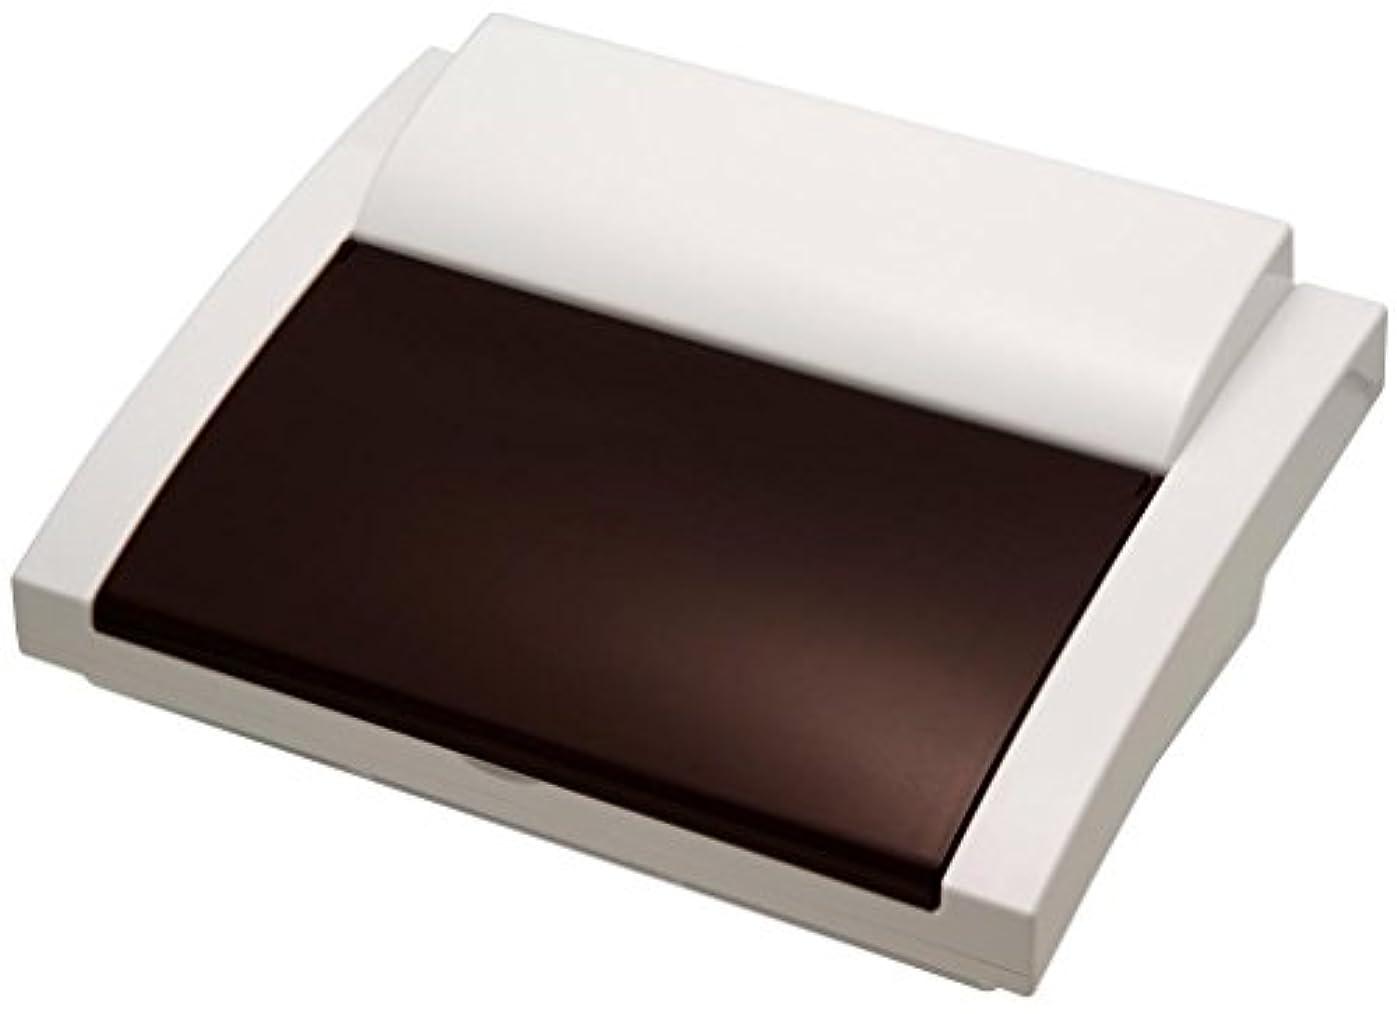 交流する人道的暗くするステアライザー(ステリライザー)STERILIZER COMPACT 209C / 紫外線 UV 消毒器 殺菌器